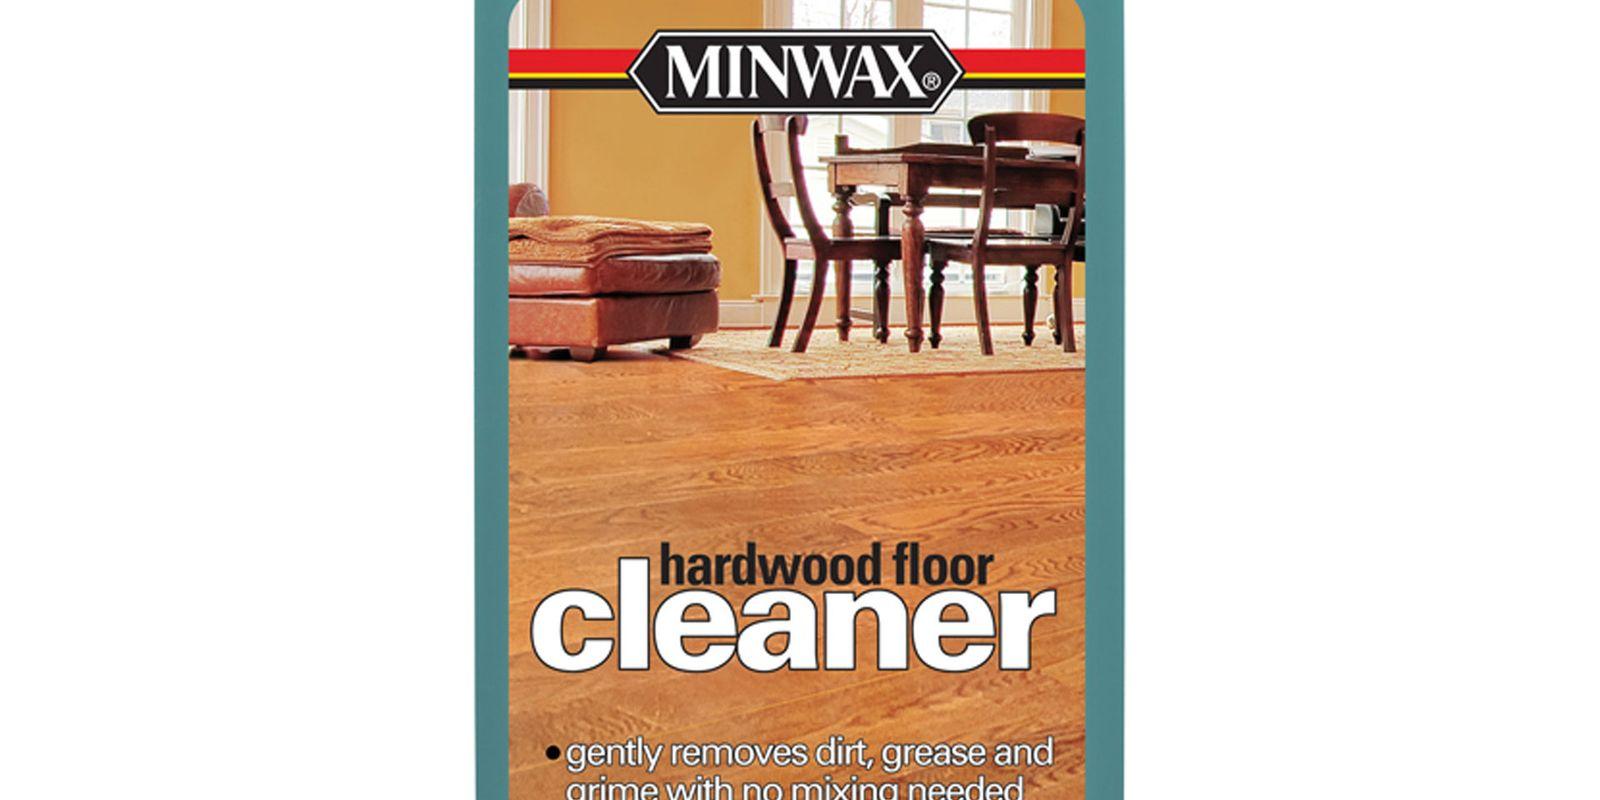 Minwax Hardwood Floor Cleaner Review